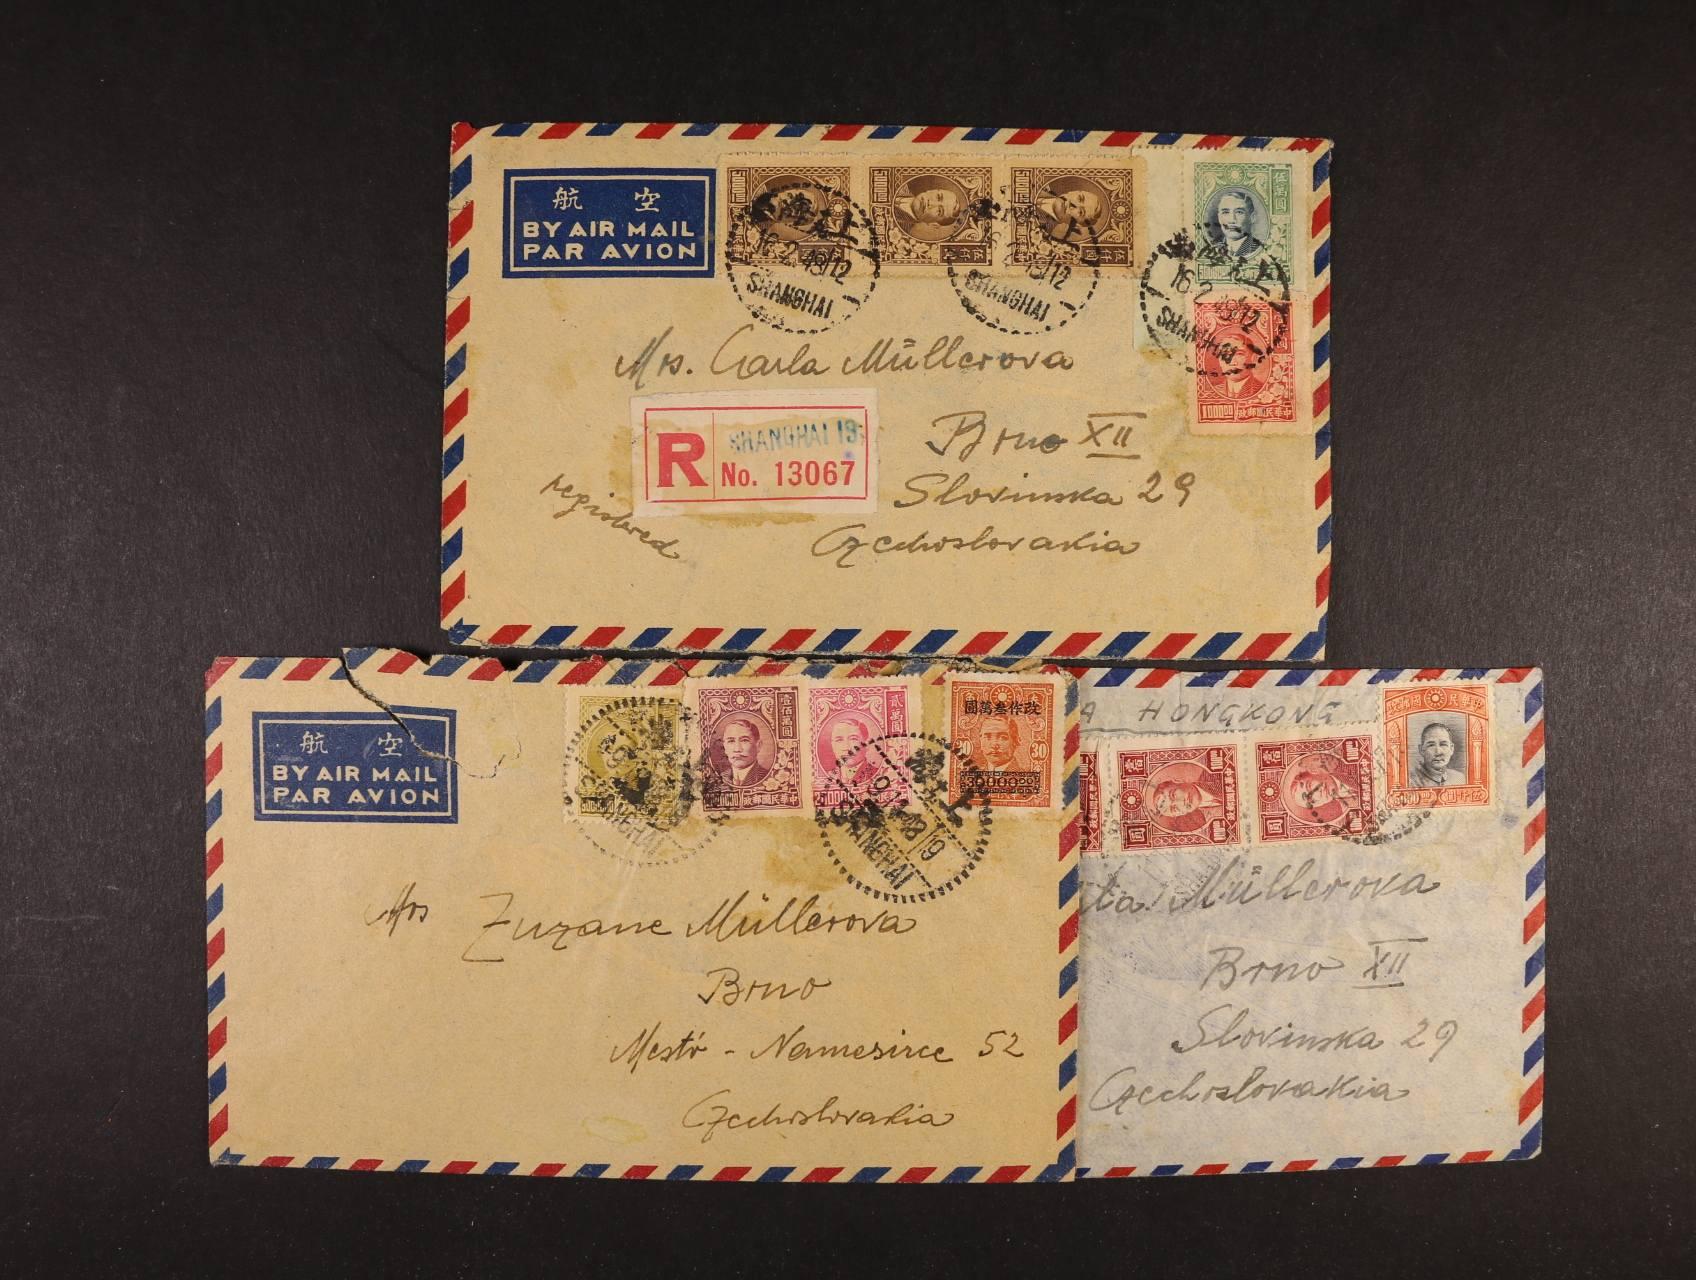 Čína - sestava 3 ks let. R-dopisů do Brna z let 1947 - 48, pestré zajímavé frankatury, pod. raz. SHANGHAI, přích. raz. + dvojjazyčné rámeč. raz. Úředně otevřeno devisovou kontrolou, zajímavé